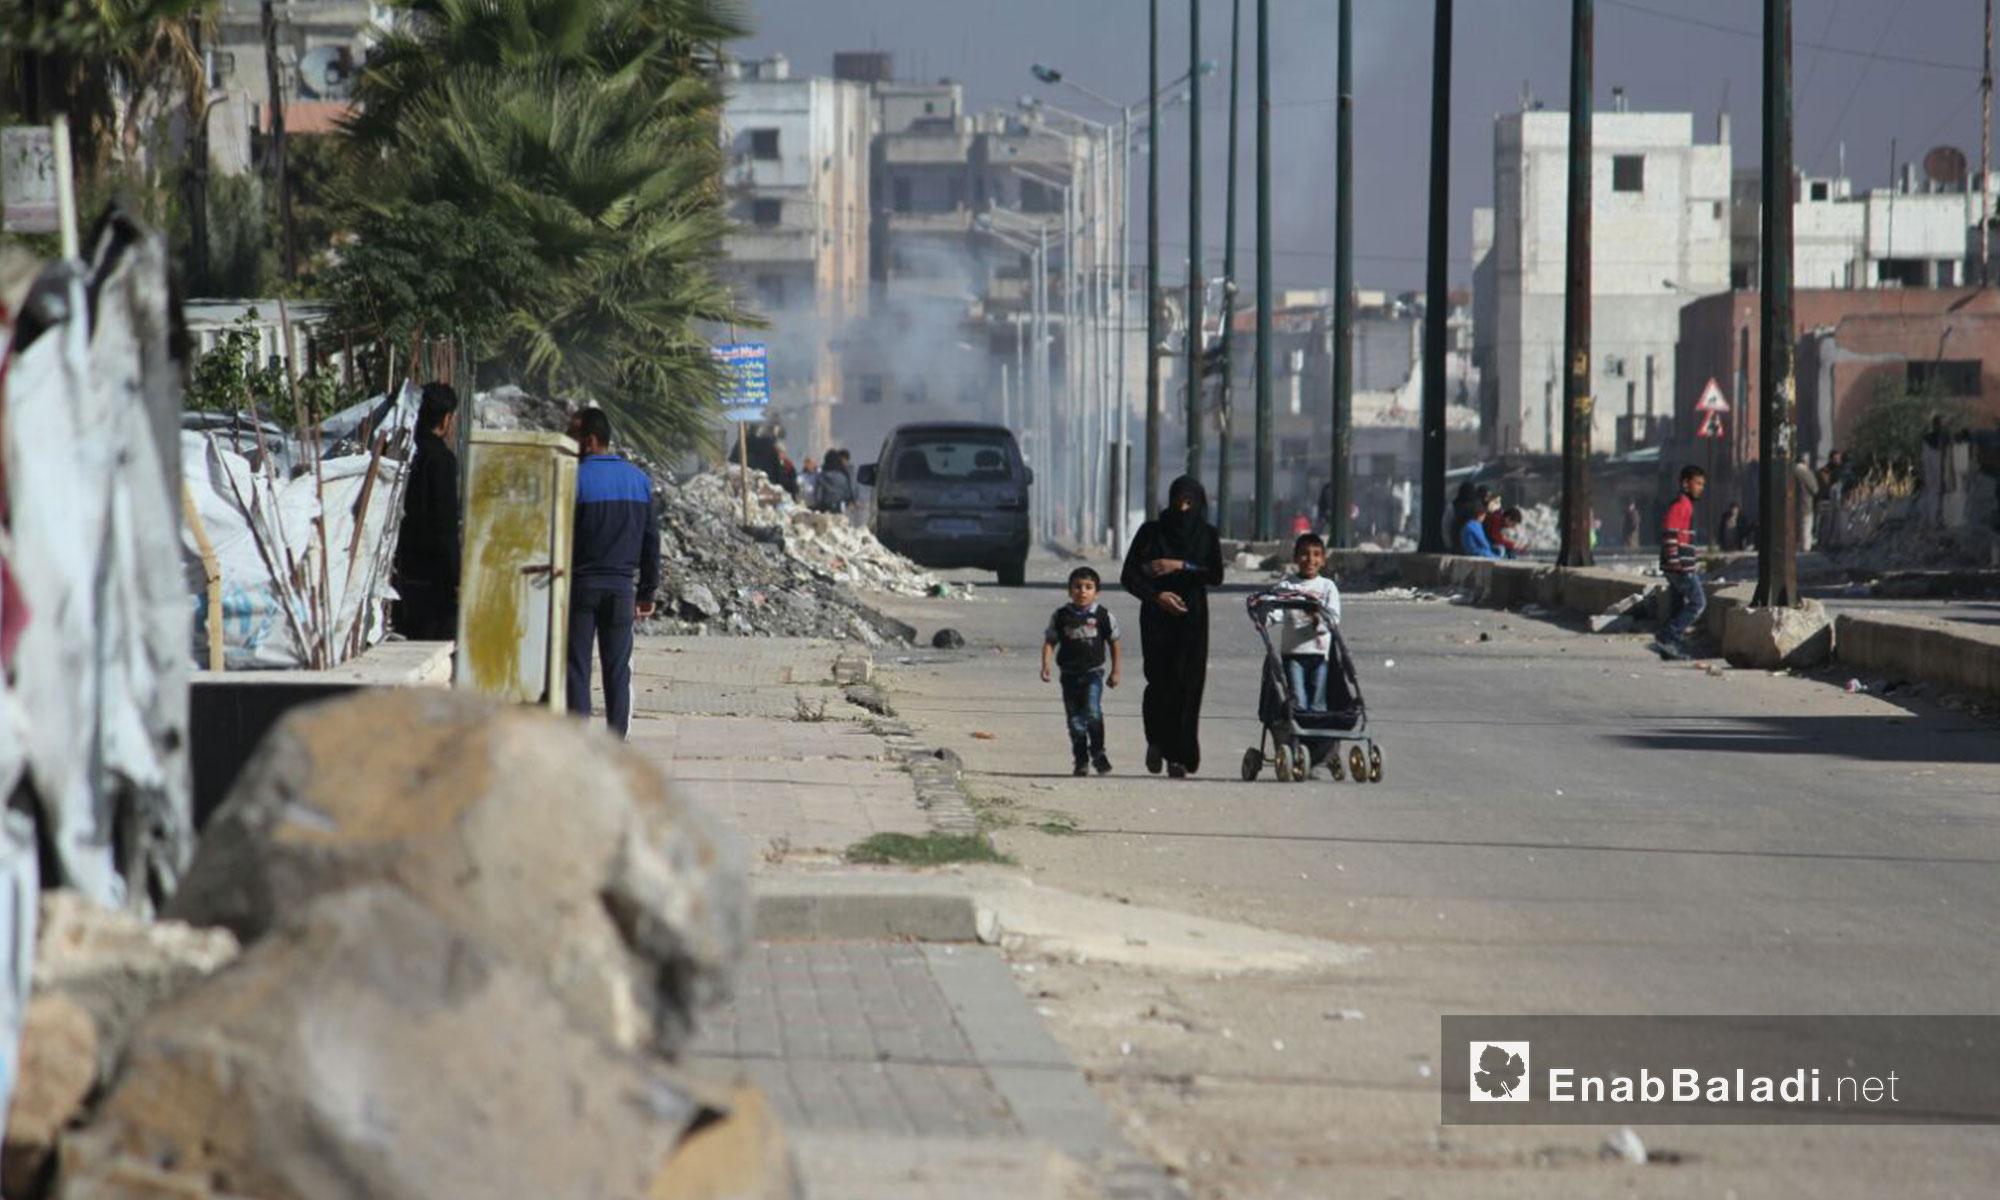 جانب من الحياة اليومية في حي الوعر مدينة حمص - 2 شباط 2017 (عنب بلدي)